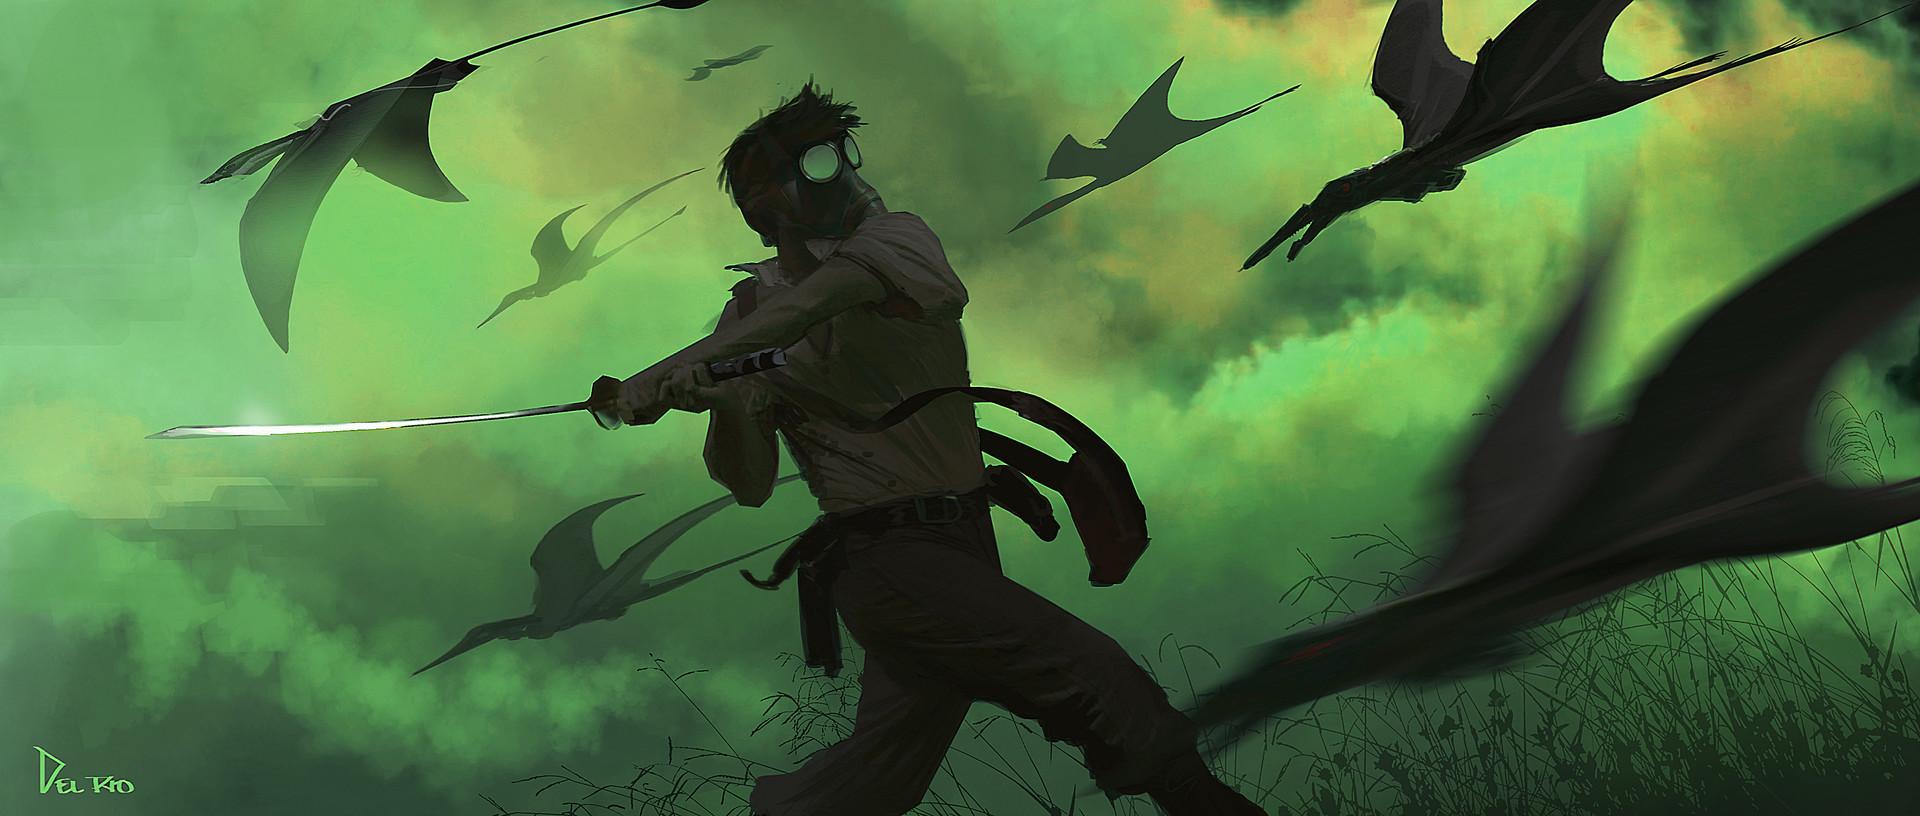 Eddie del rio 11 12 14 samurai v1c del rio